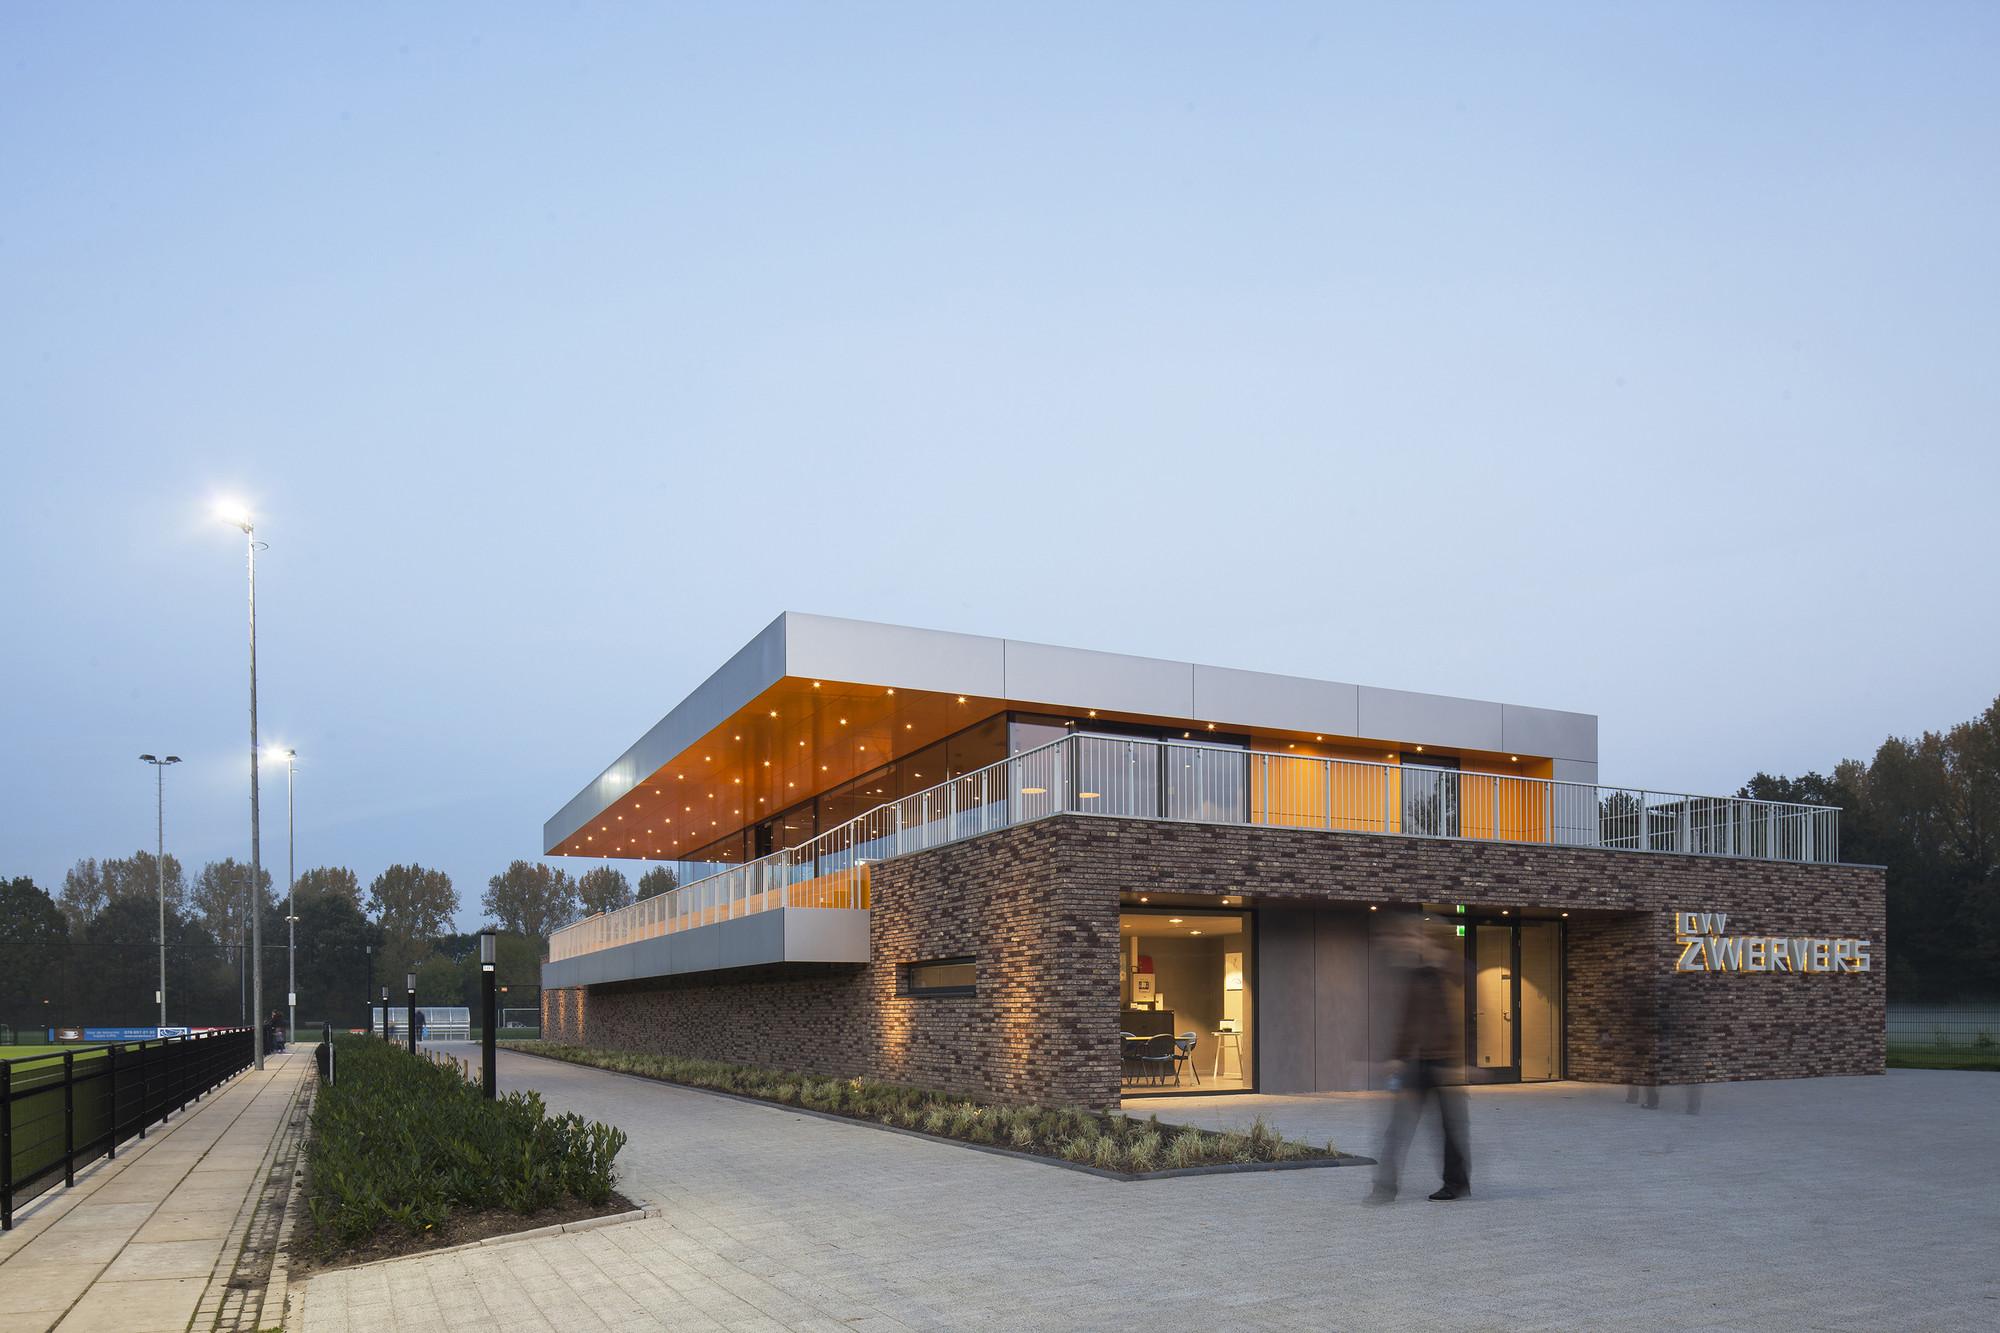 CVV Zwervers / MoederscheimMoonen Architects, © Luuk Kramer